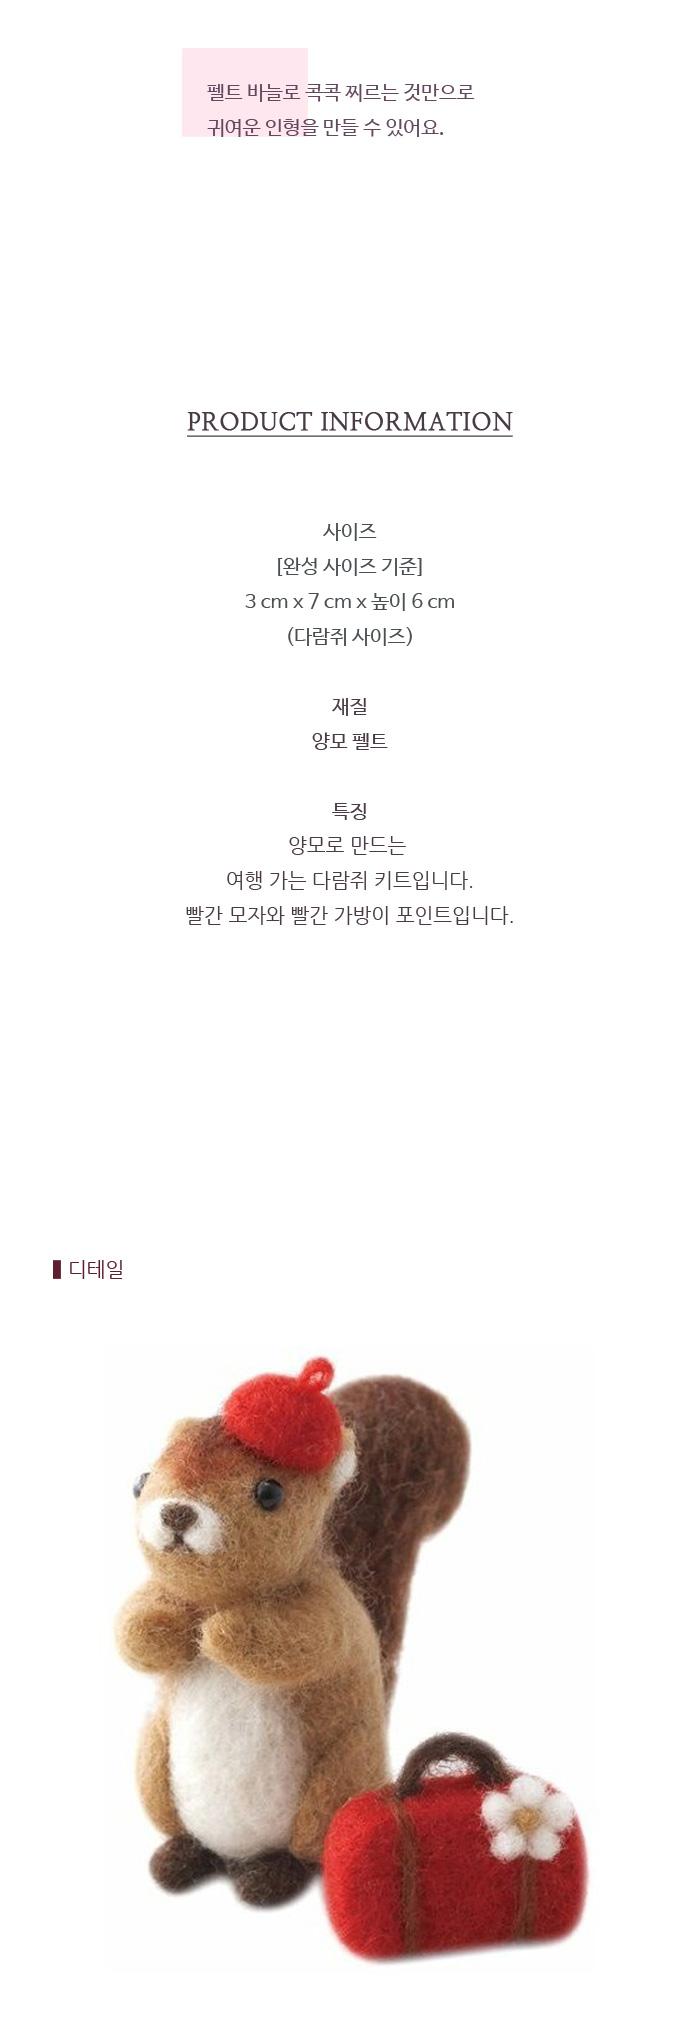 산펠트 양모 다람쥐 DIY KIT - 오후4시, 16,000원, 펠트공예, 펠트인형 패키지